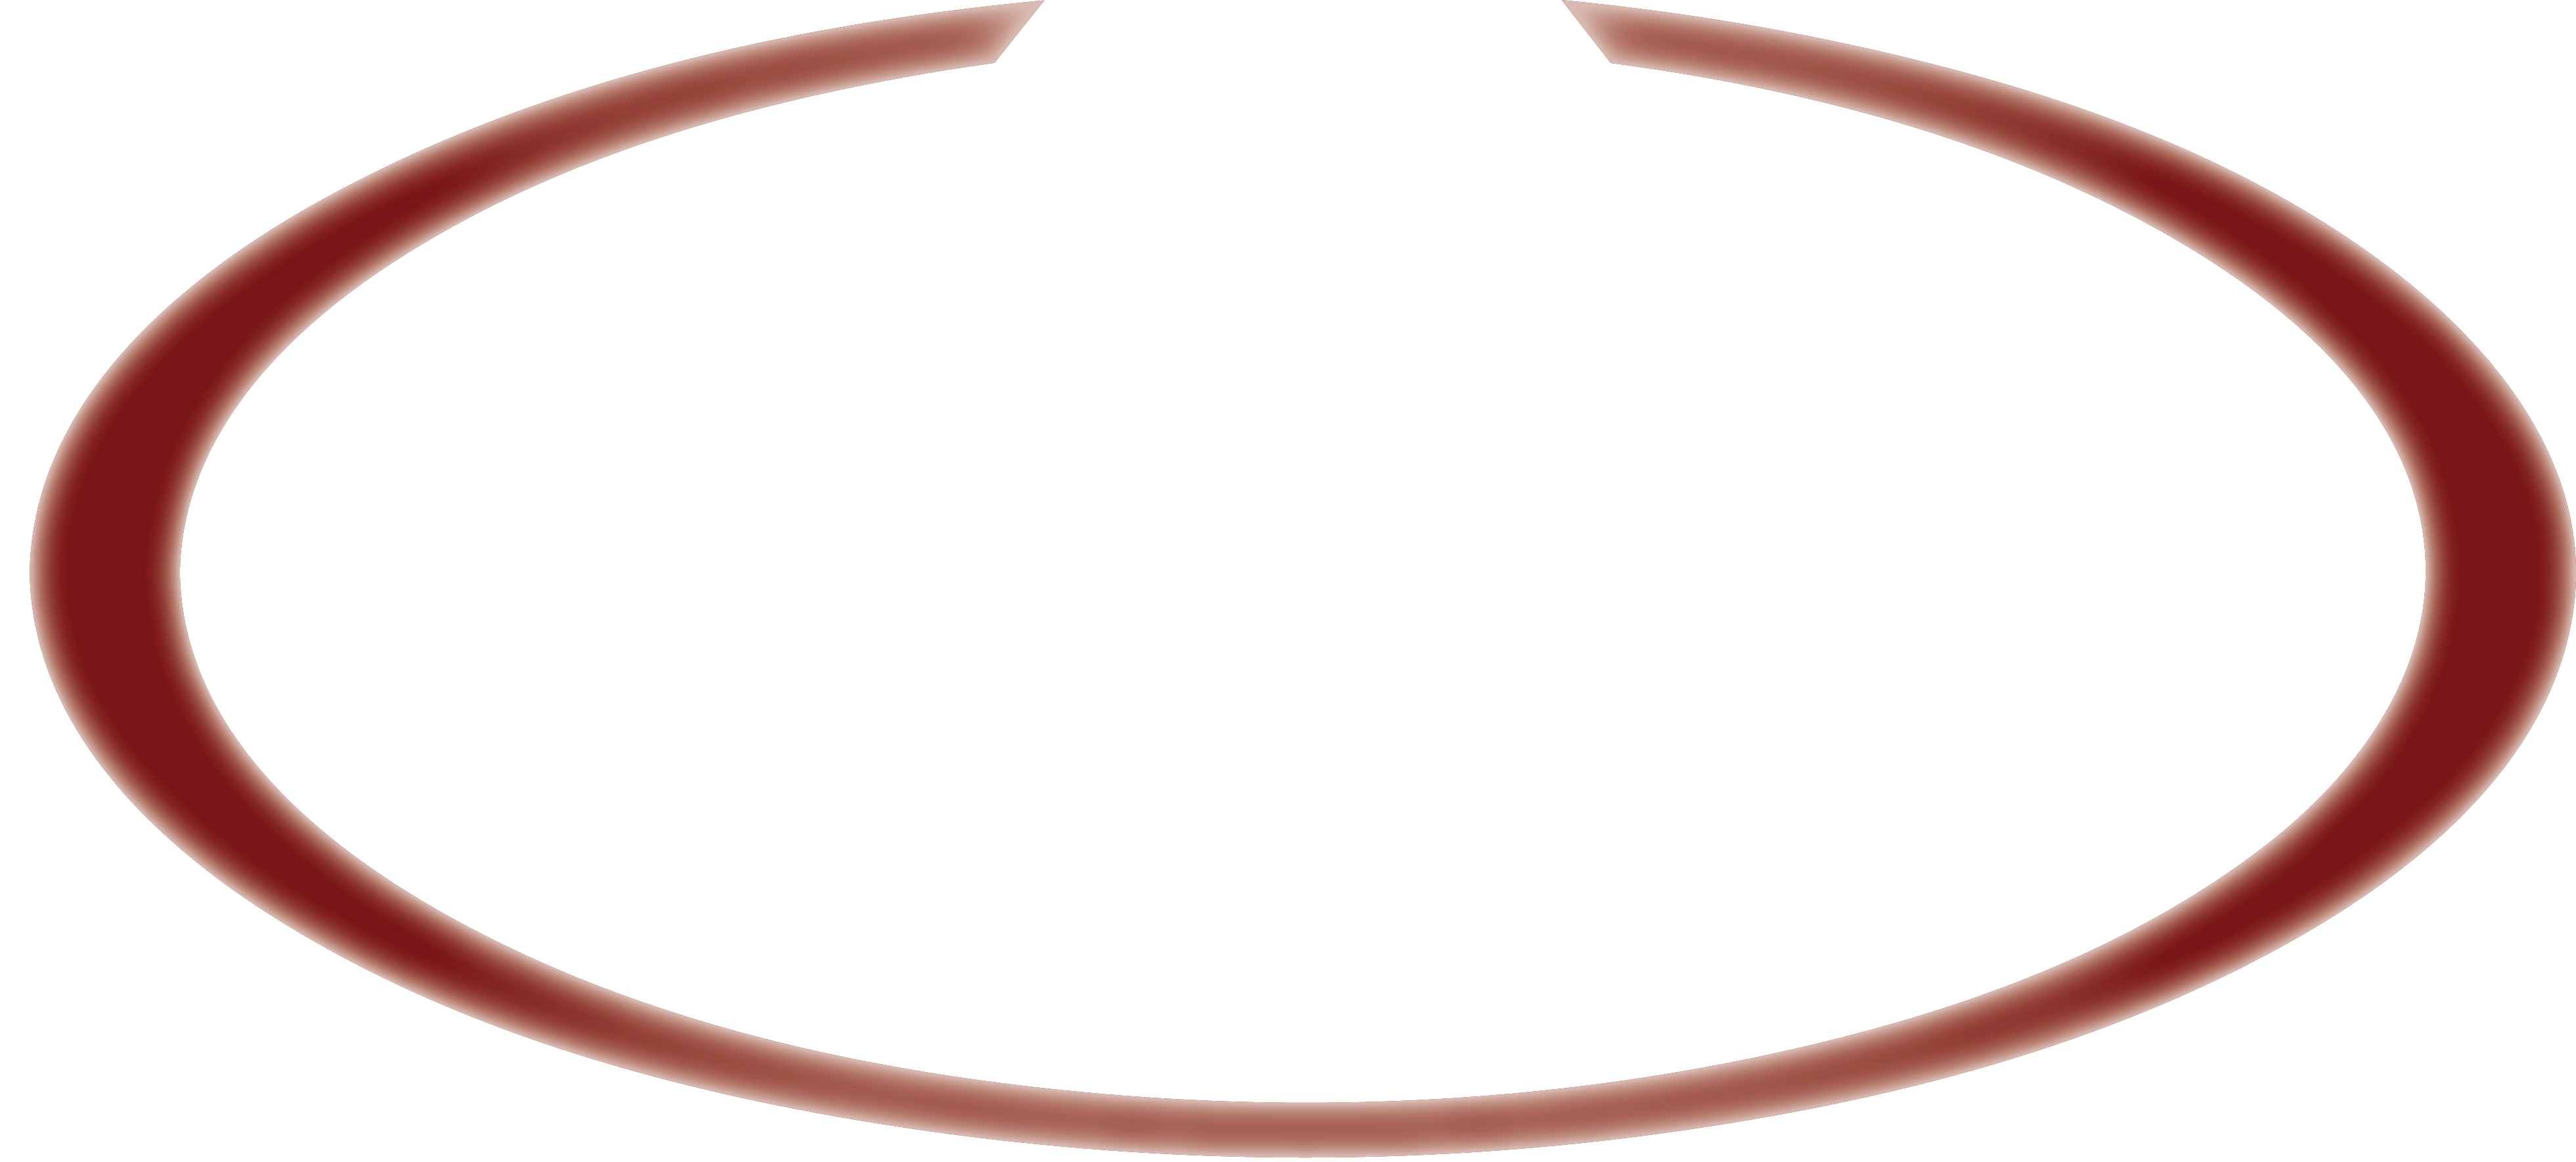 Timmerbedrijf J. van Asselt